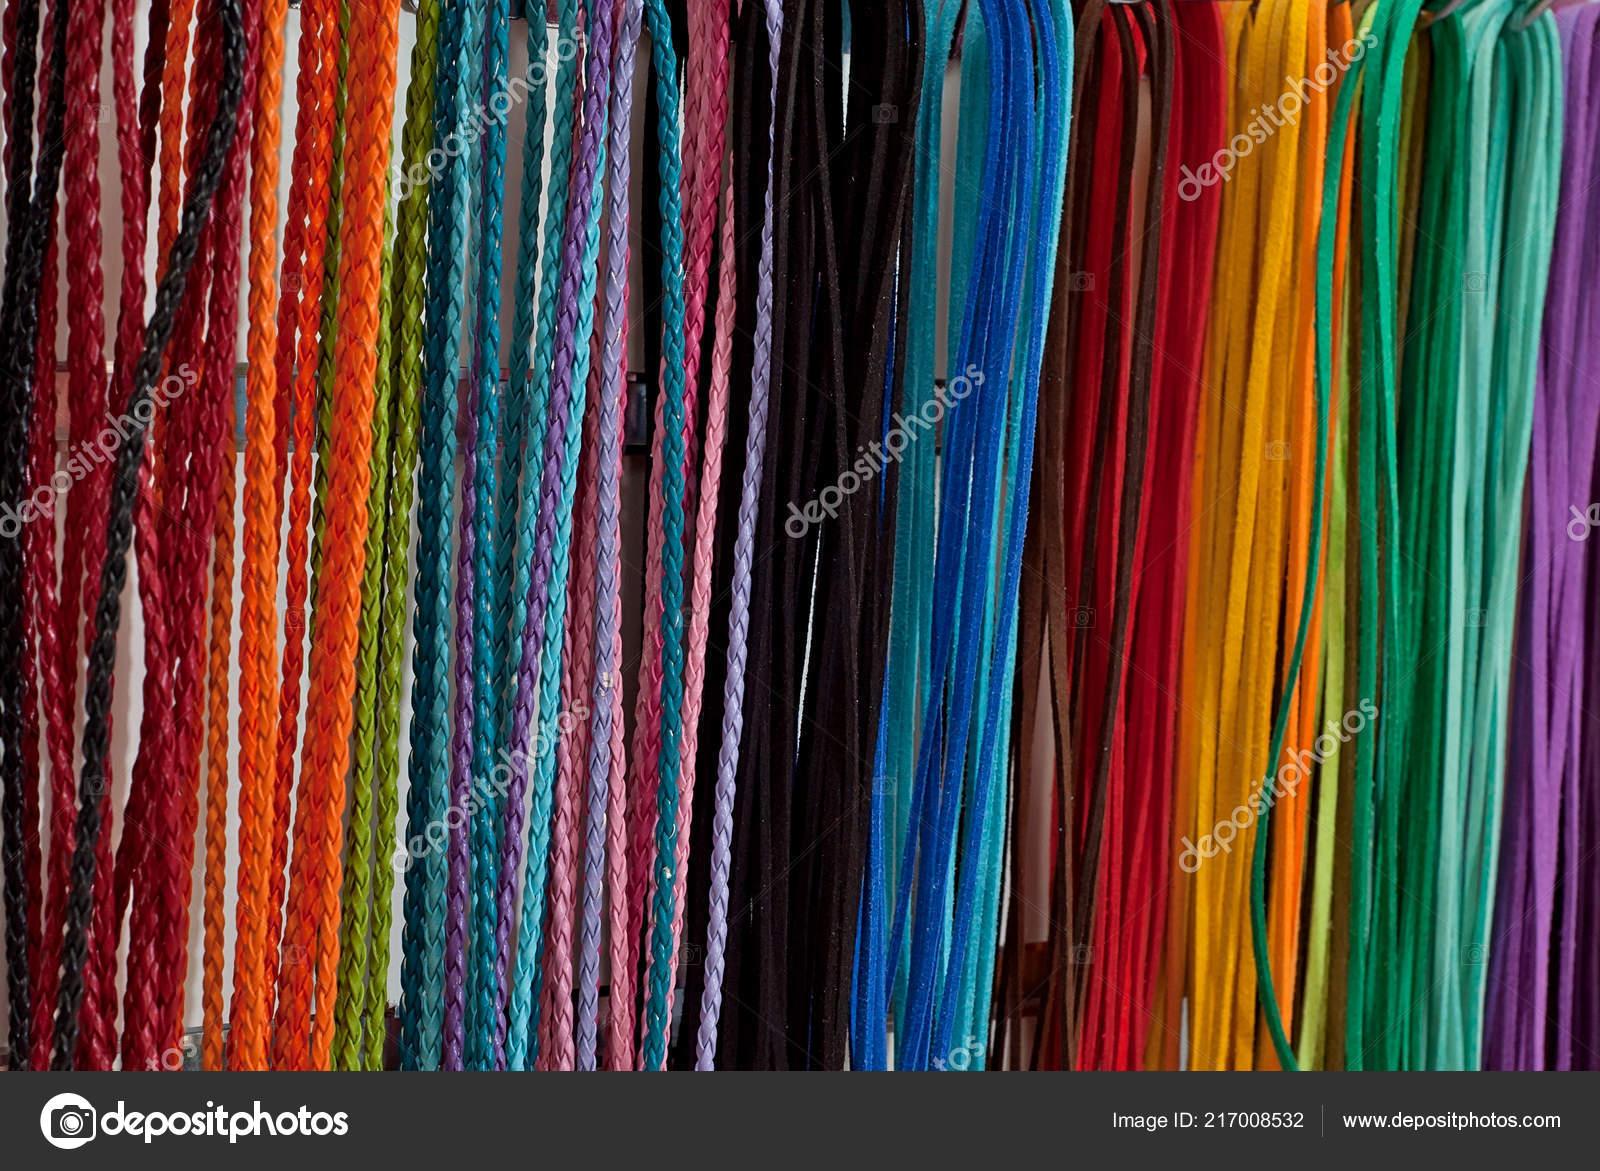 mirada detallada d4aaf fa090 Visualización Cordones Los Zapatos Colores Brillantes Una ...